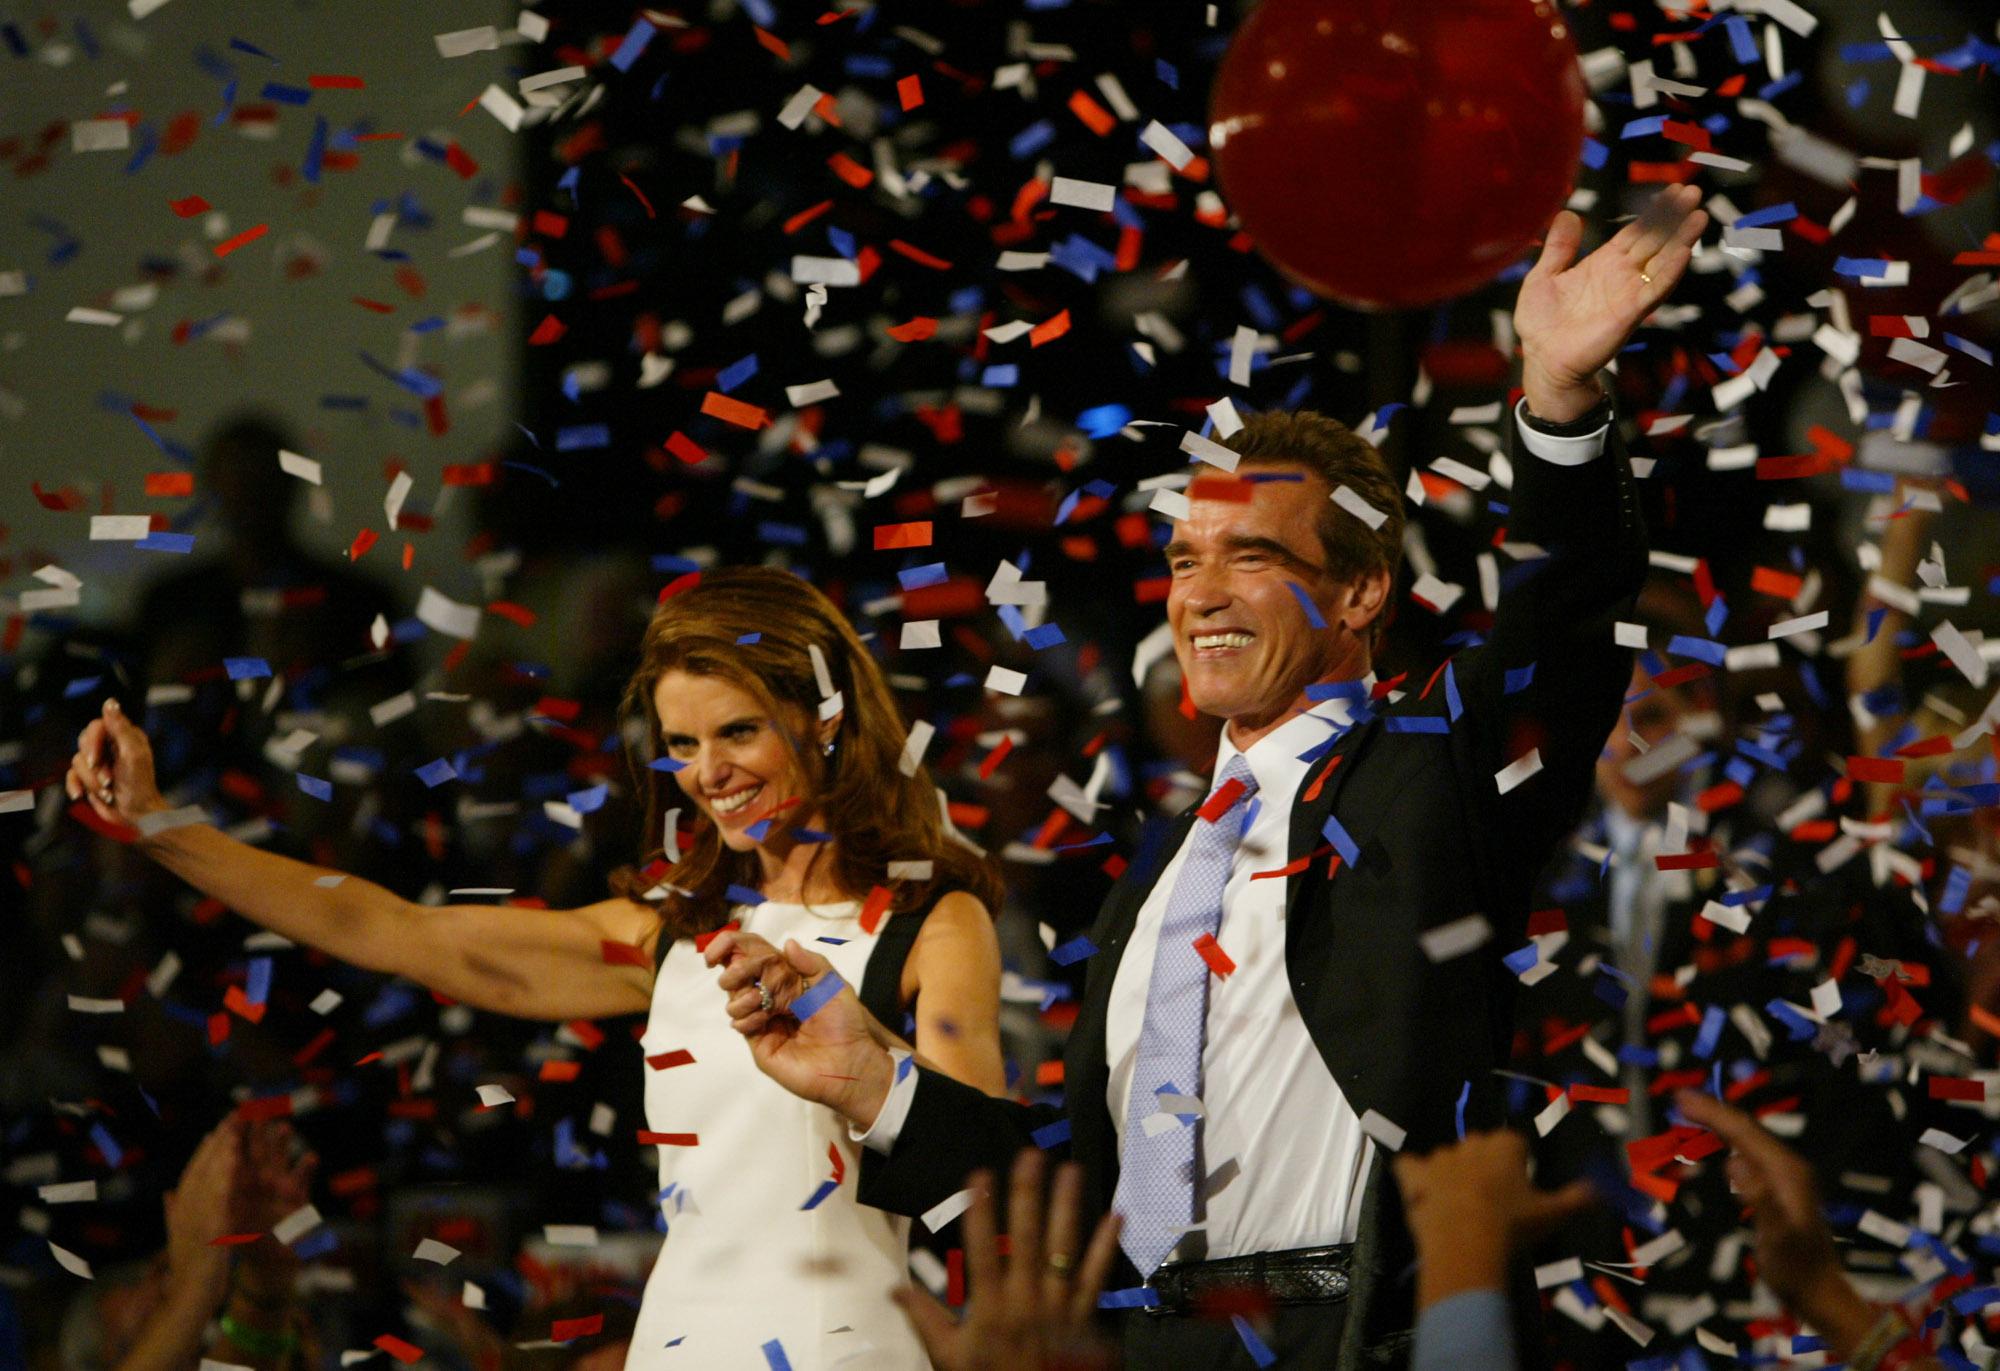 2003年11月7日,阿諾當選加州州長,與妻子瑪麗亞接受支持者祝賀。(美聯社)